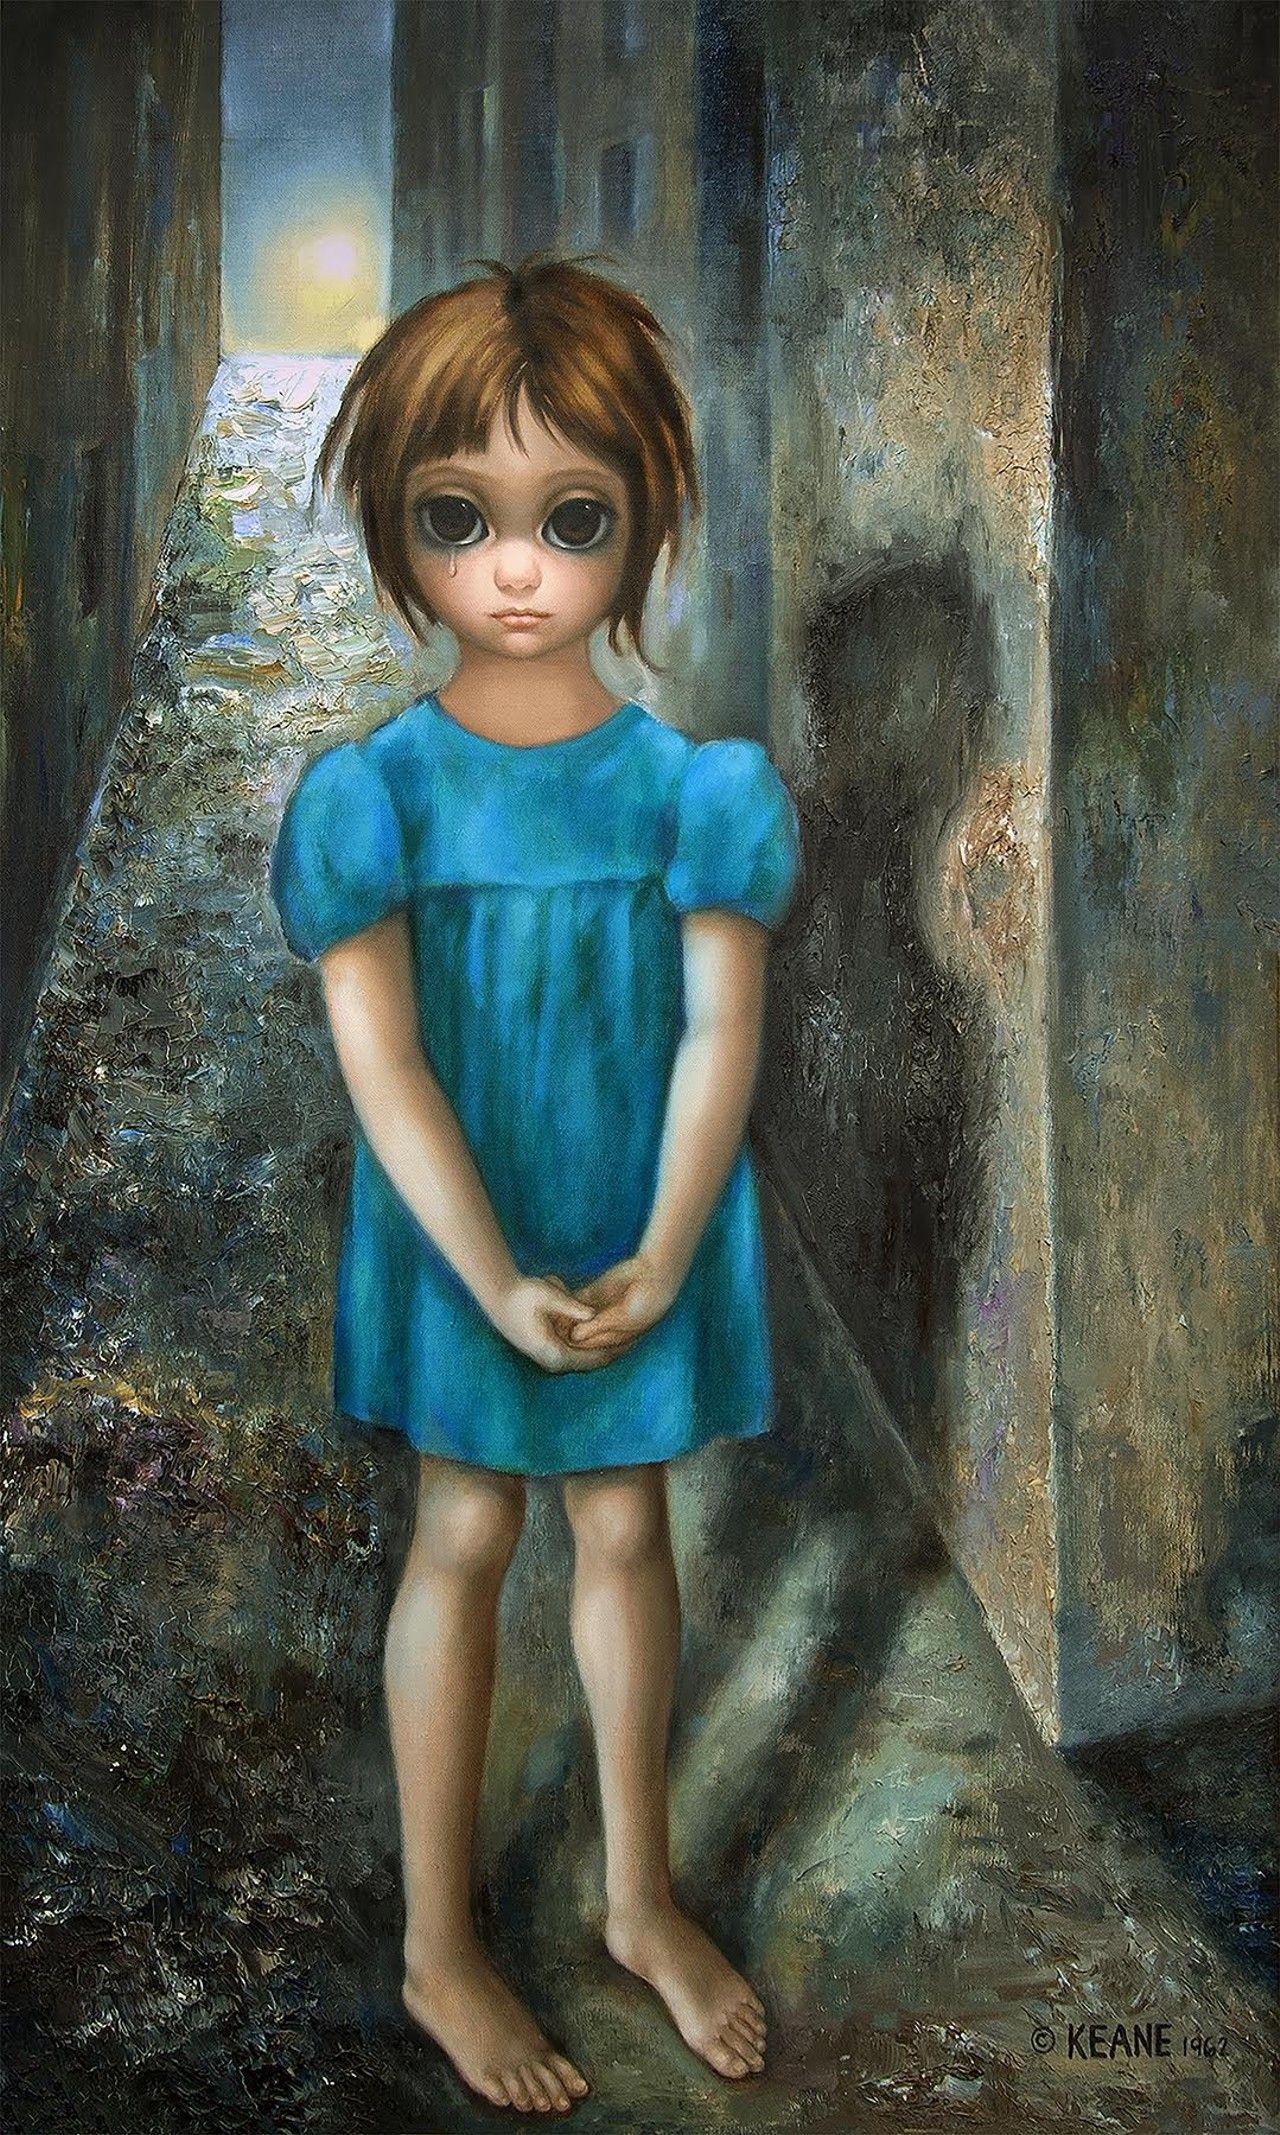 Big Eyes, paintings by Margaret Keane - ego-alterego.com  |Artist Keane Big Eyes